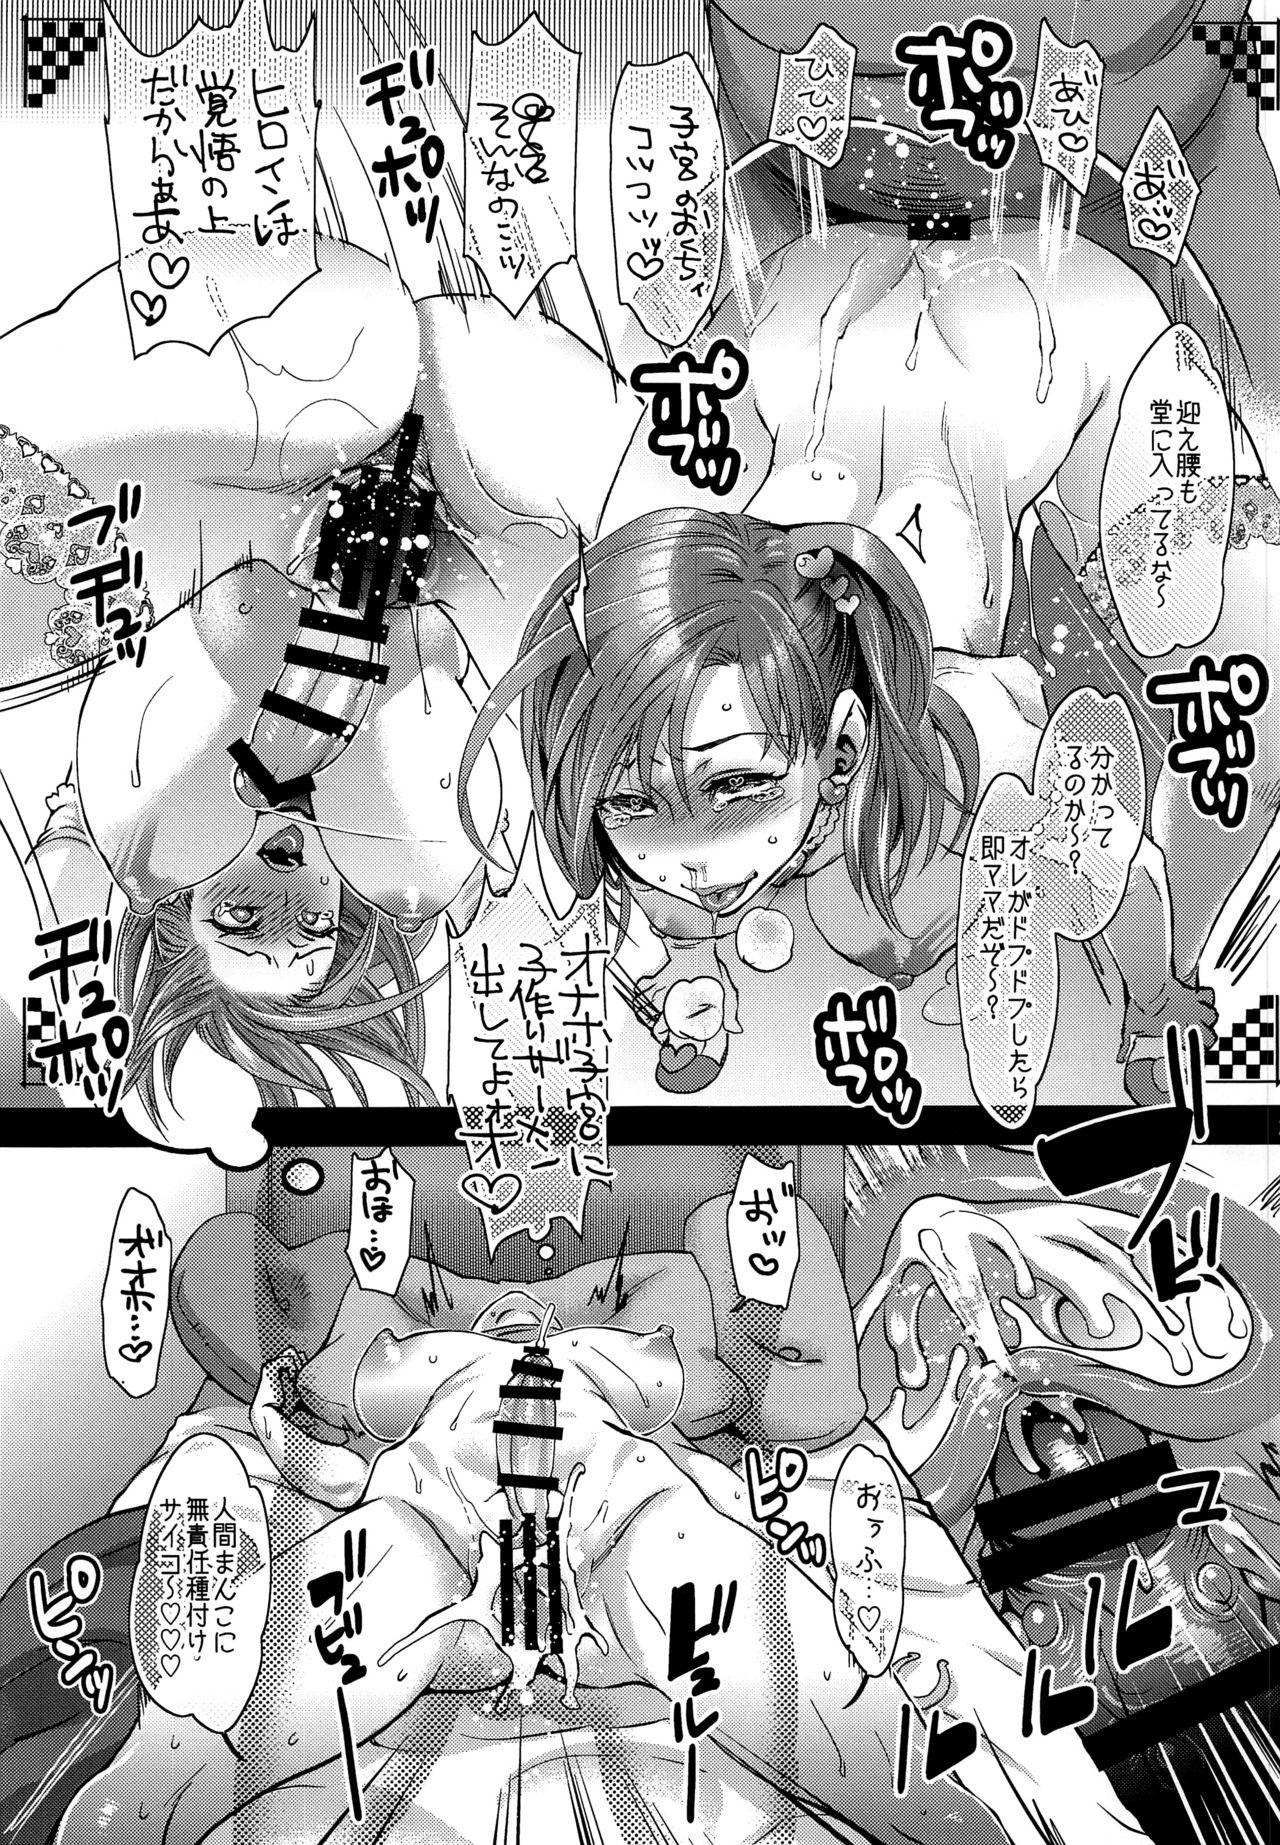 【エロ漫画・エロ同人】巨乳ヒロインが性獣と戦ってソッコー犯されてるwレイプされてるのを配信されて種付けセックスされちゃったwww (22)